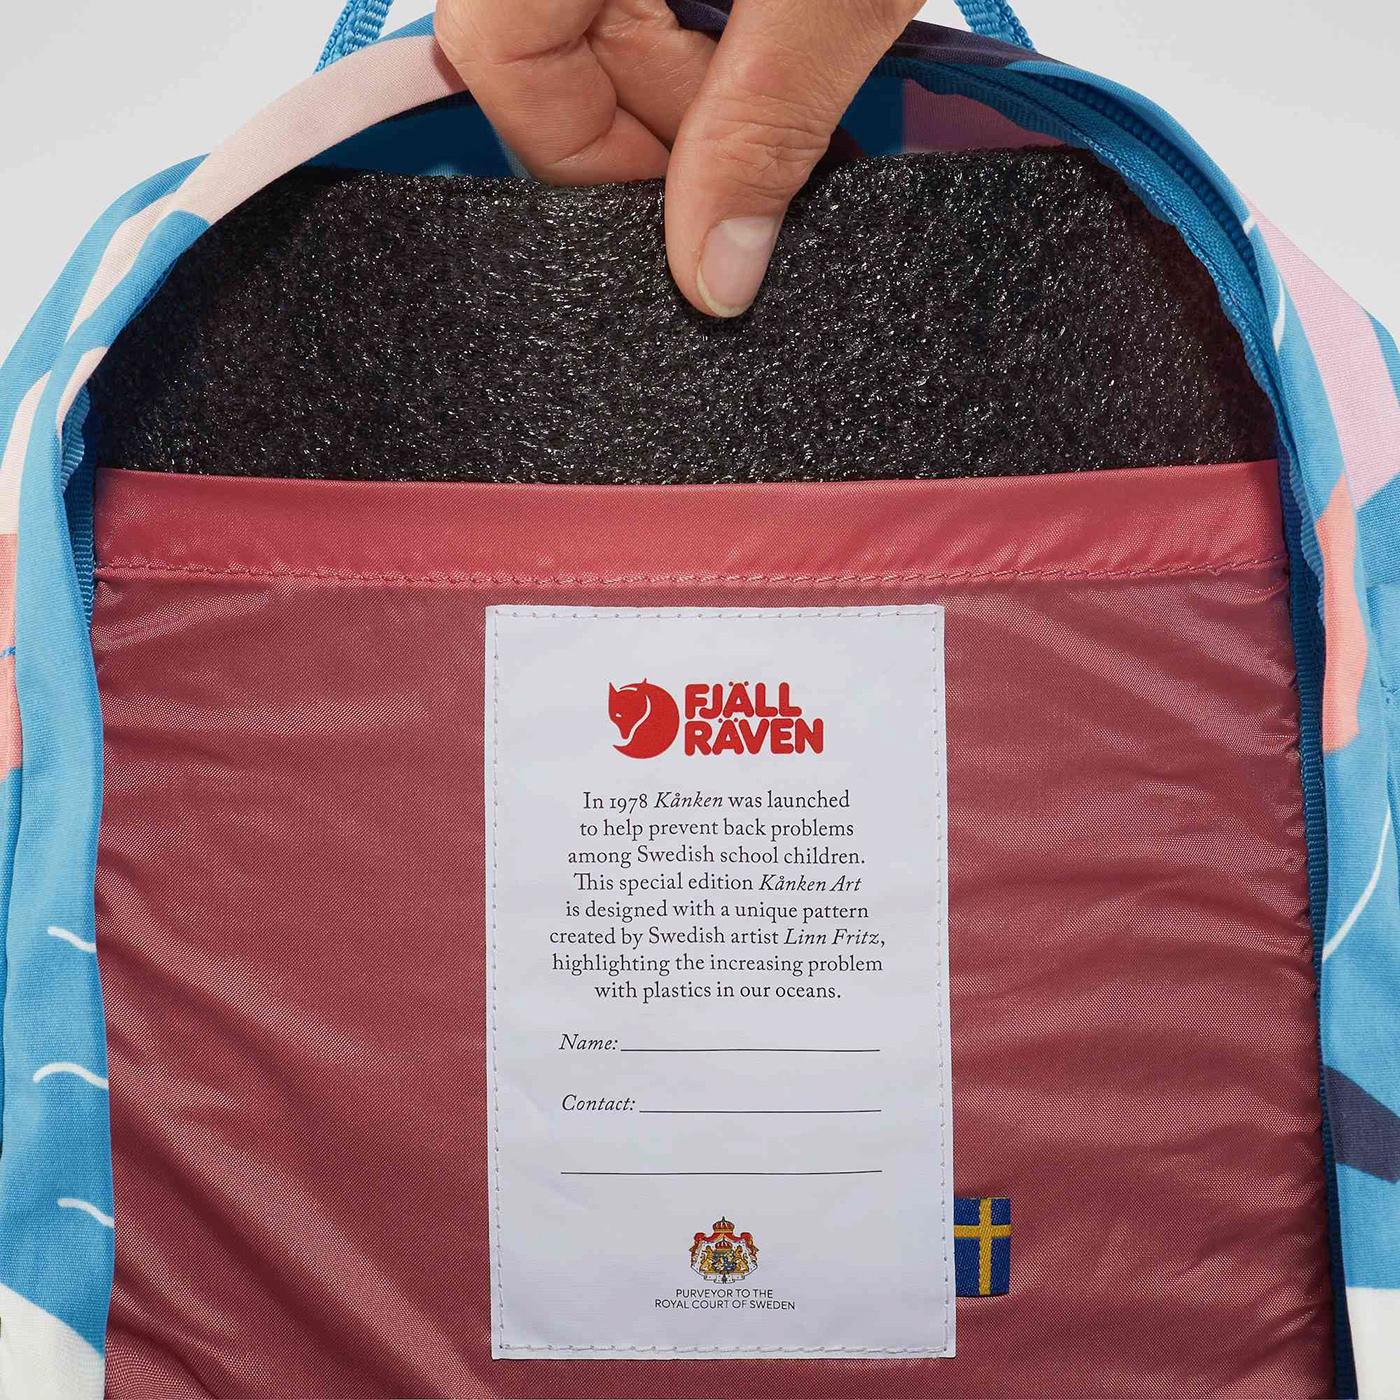 art backpack Fashion  Fjällräven ILLUSTRATION  kanken Ocean patter plastic